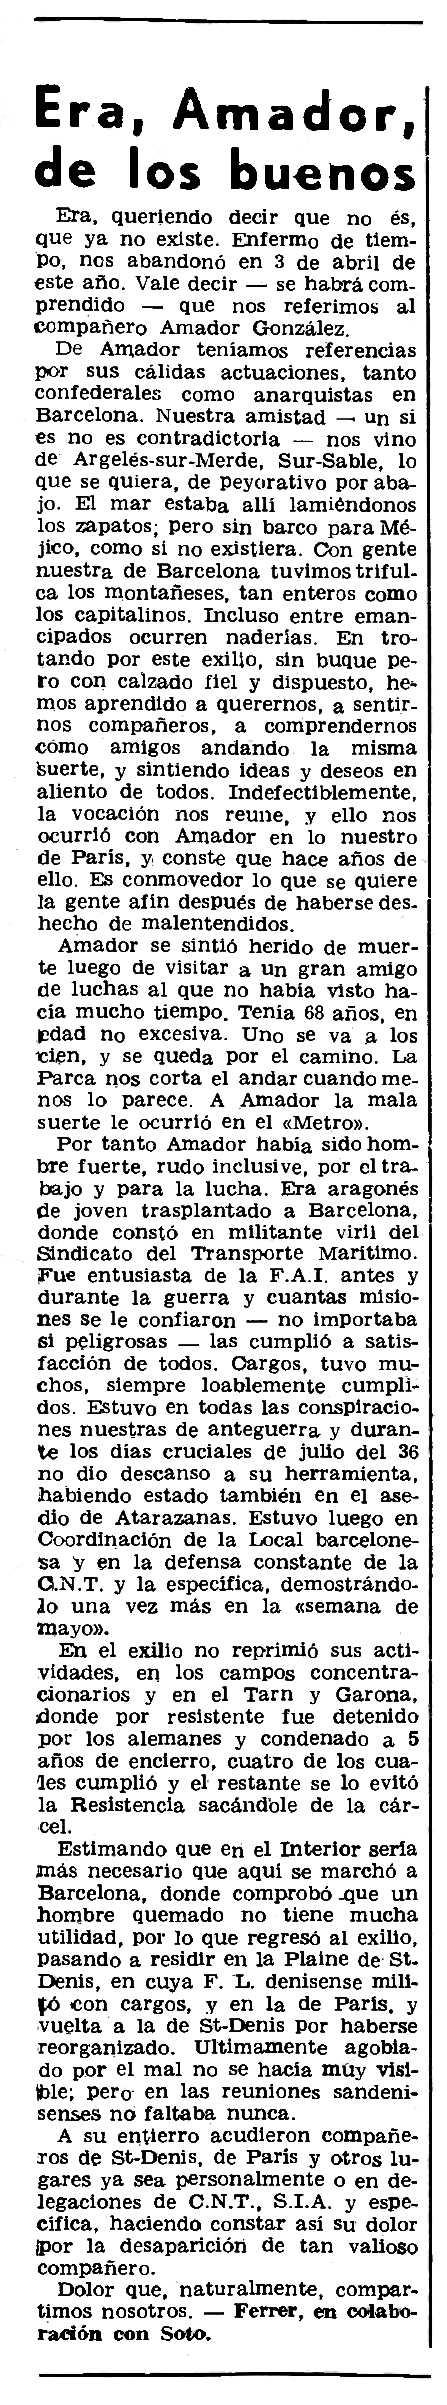 """Necrològica d'Amador González Bravo publicada en el periòdic parisenc """"Le Combat Syndicaliste"""" del 25 de setembre de 1975"""